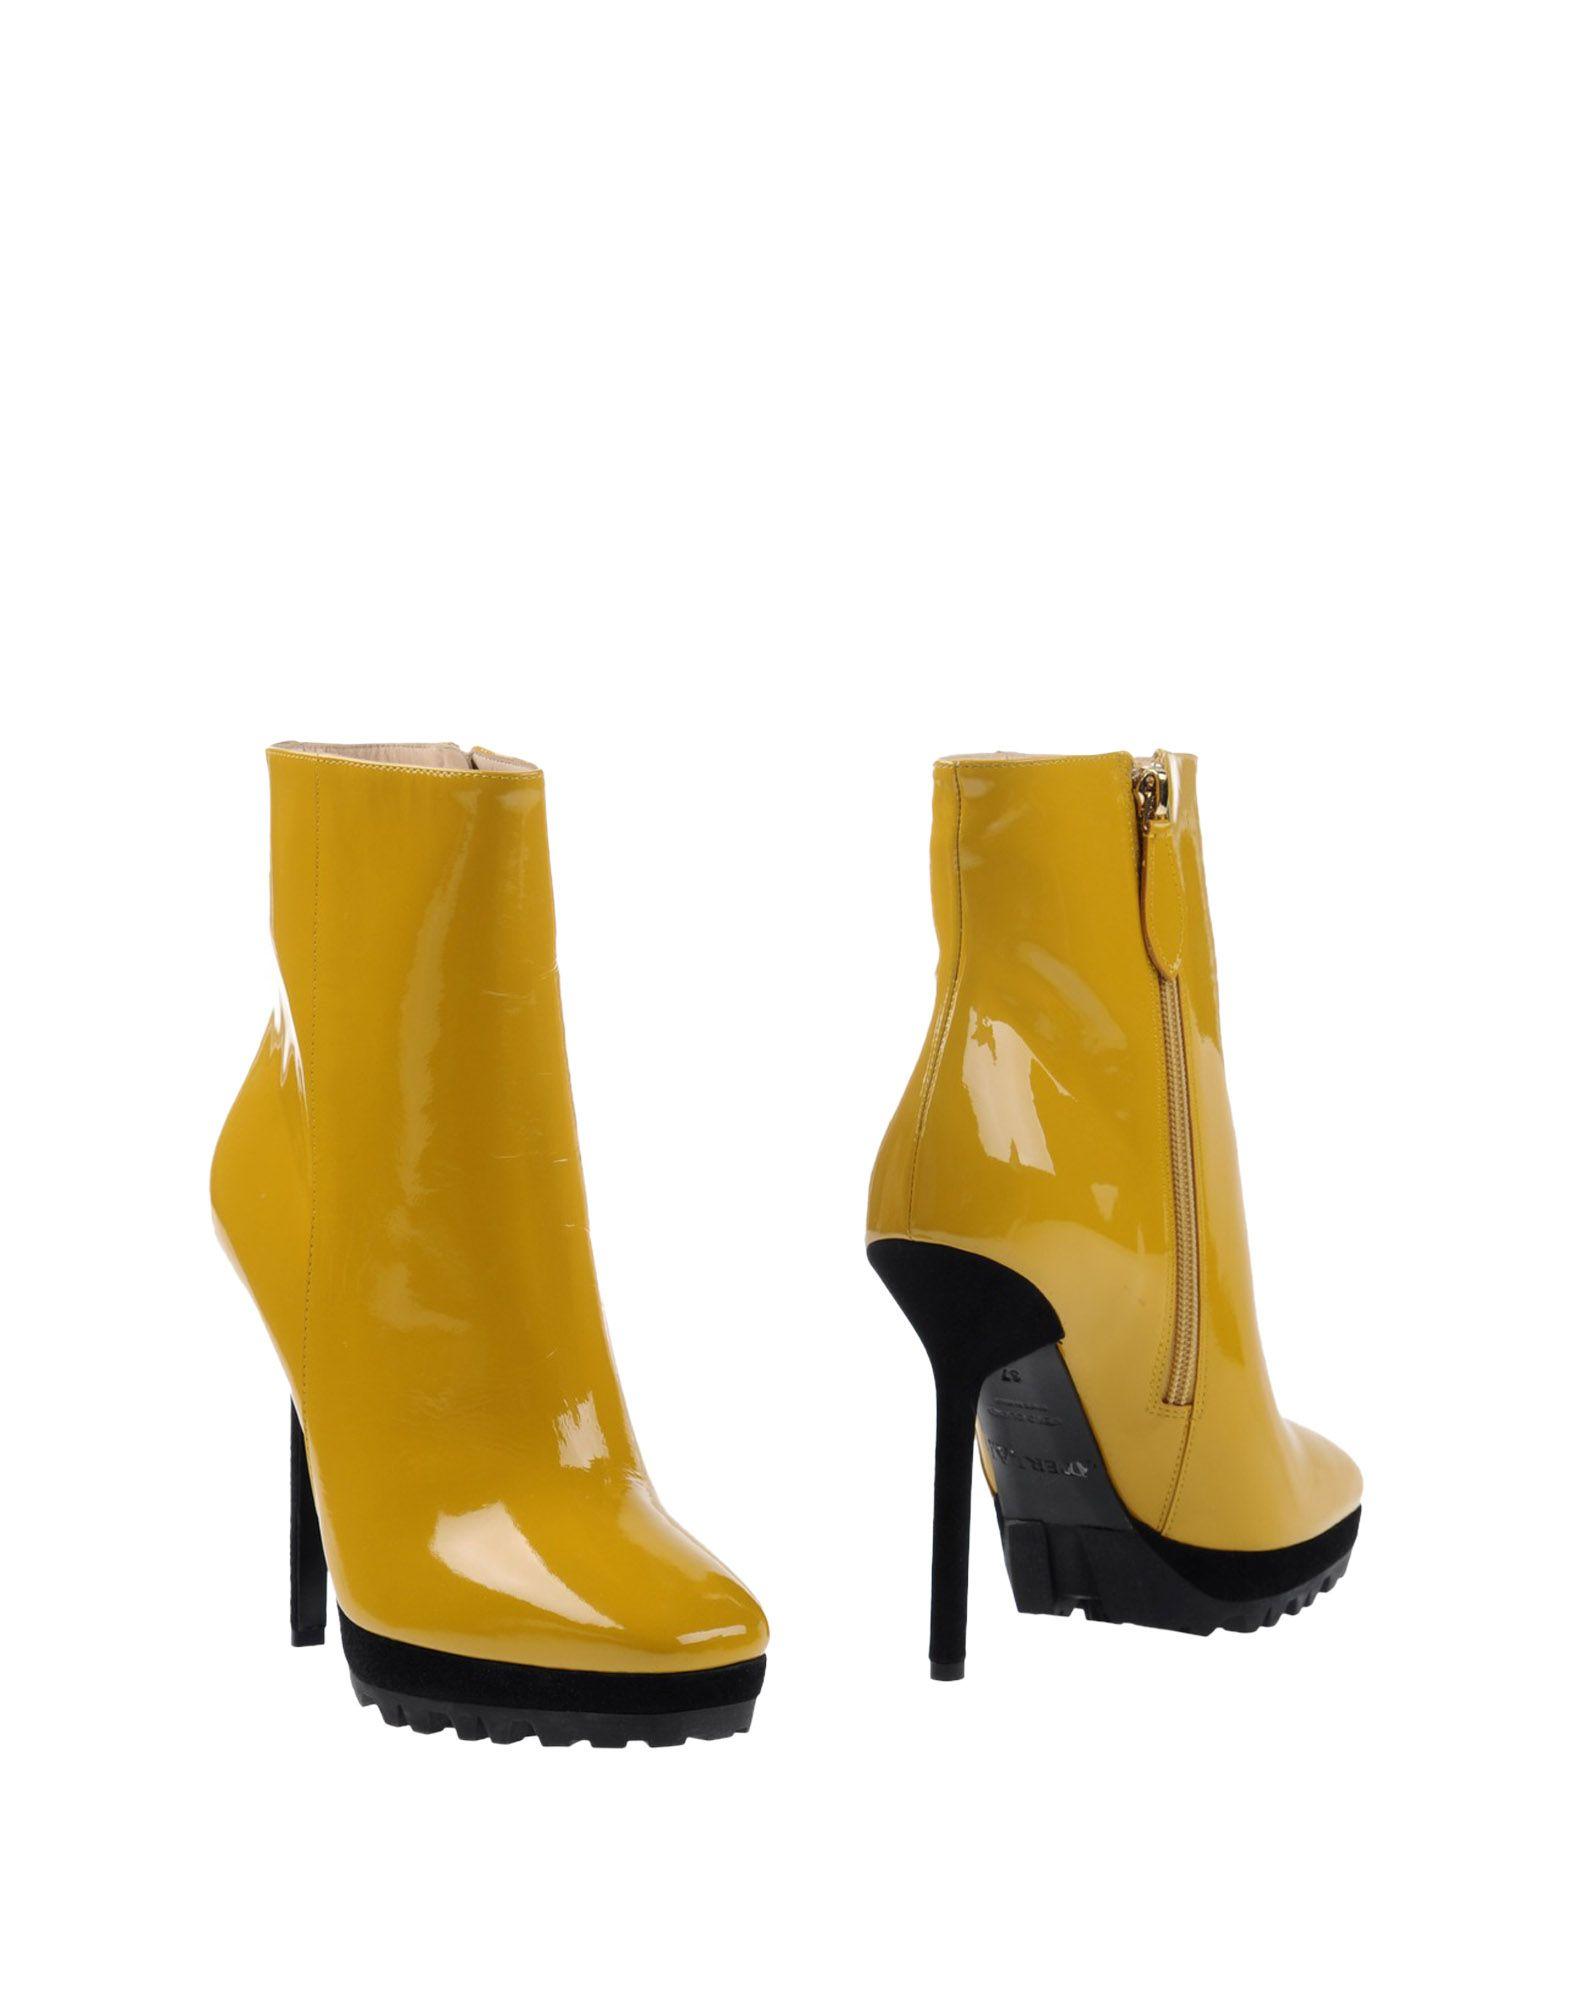 APERLAI Полусапоги и высокие ботинки цены онлайн